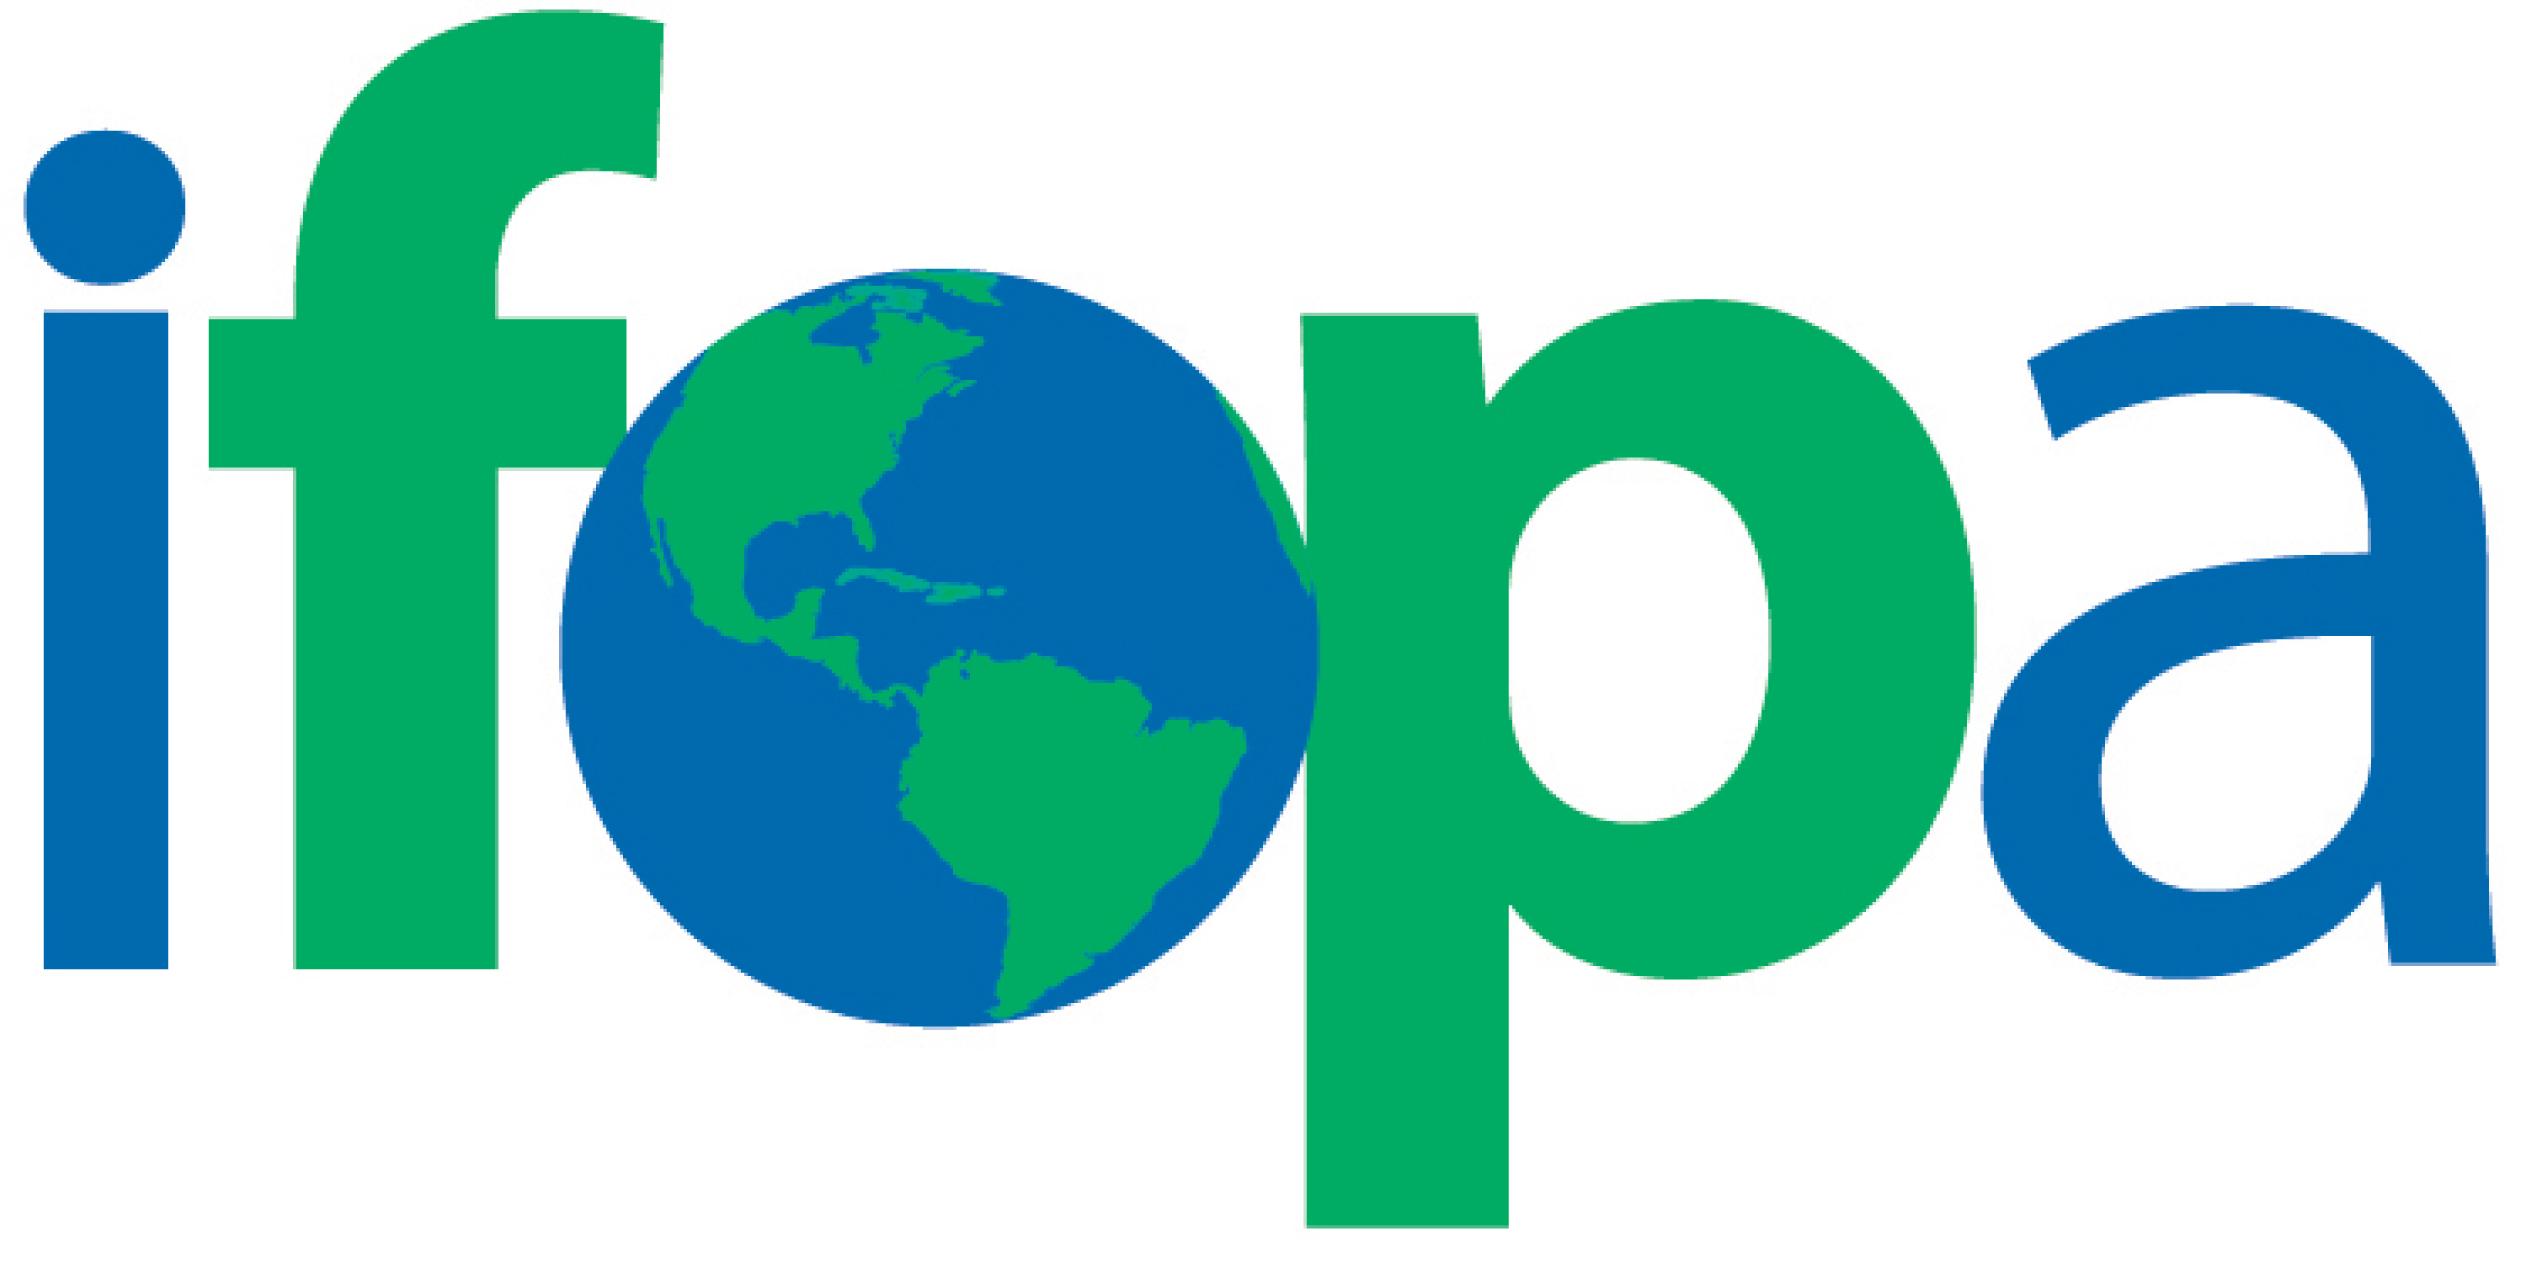 IFOPA_logo_acronym_only.jpg